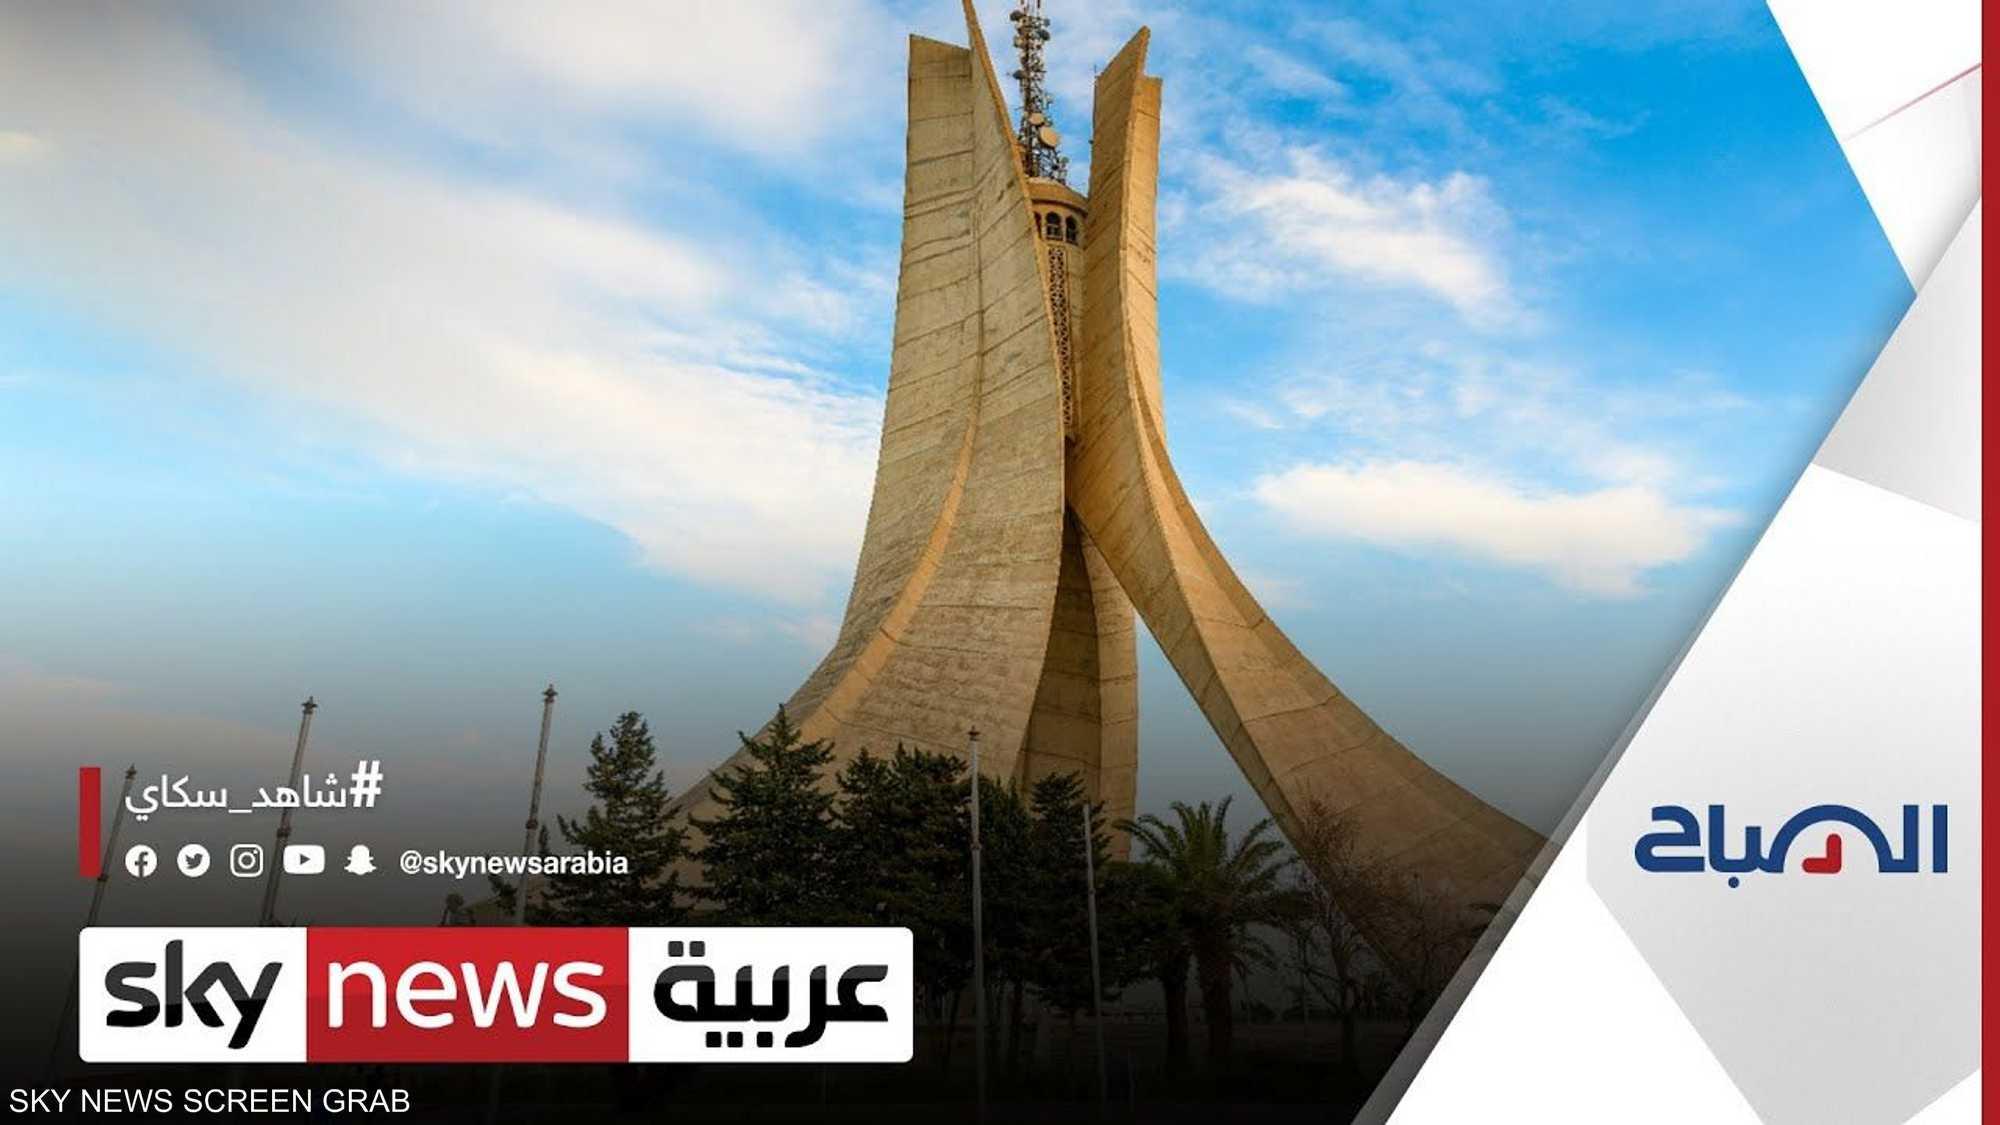 الجناح الجزائري يقدّم رحلة لزواره لاكتشاف تاريخ البلاد